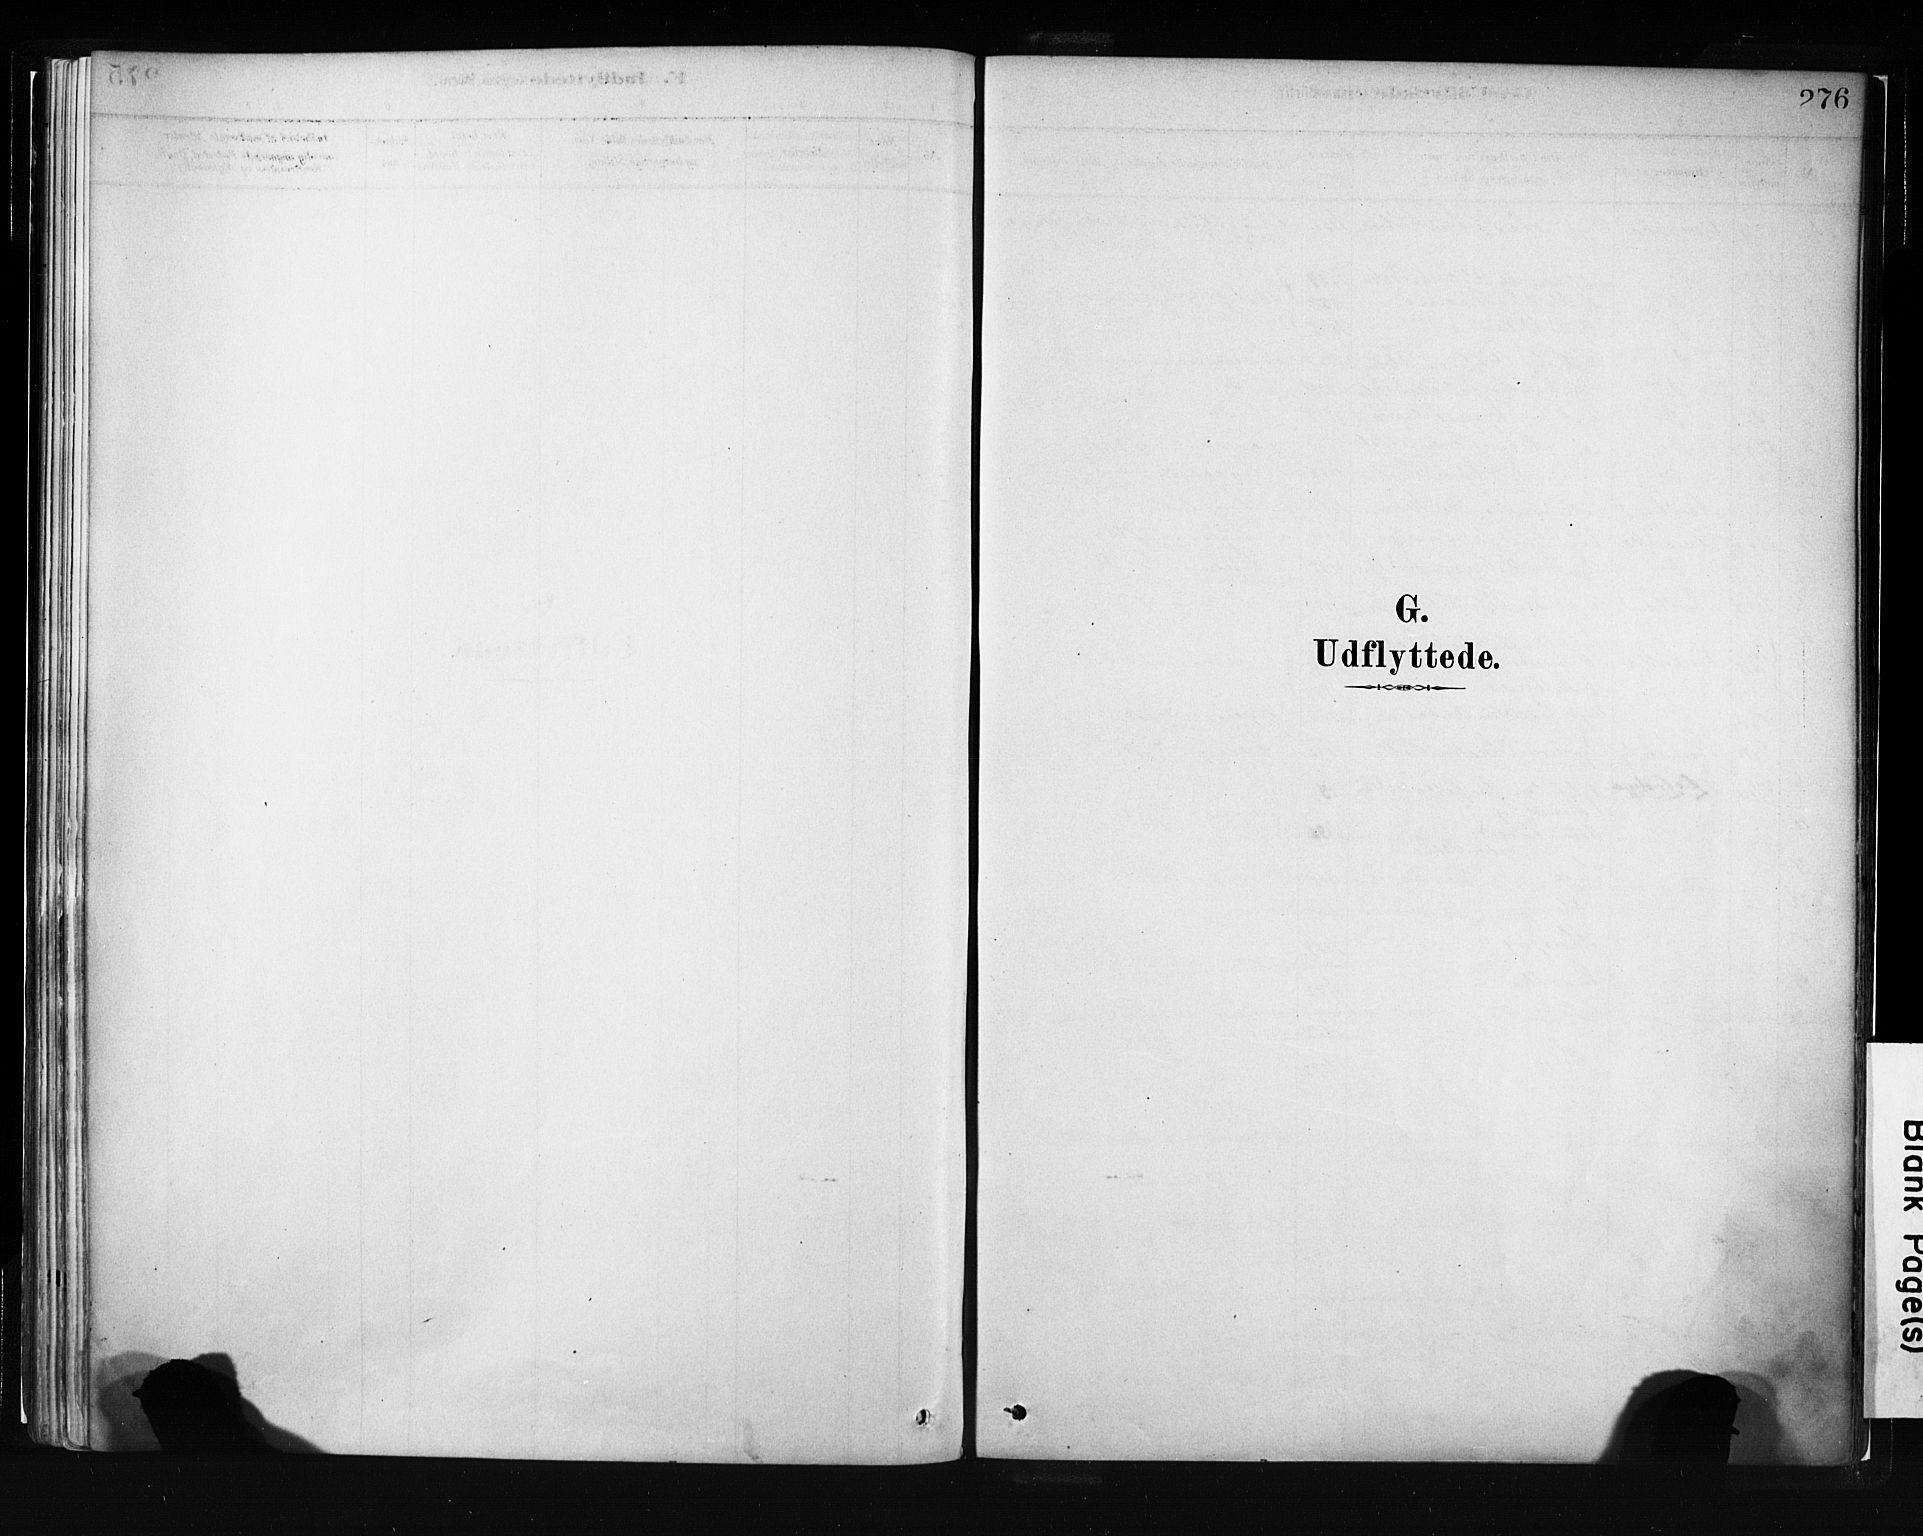 SAB, Evanger sokneprestembete*, Parish register (official) no. A 1, 1877-1899, p. 276